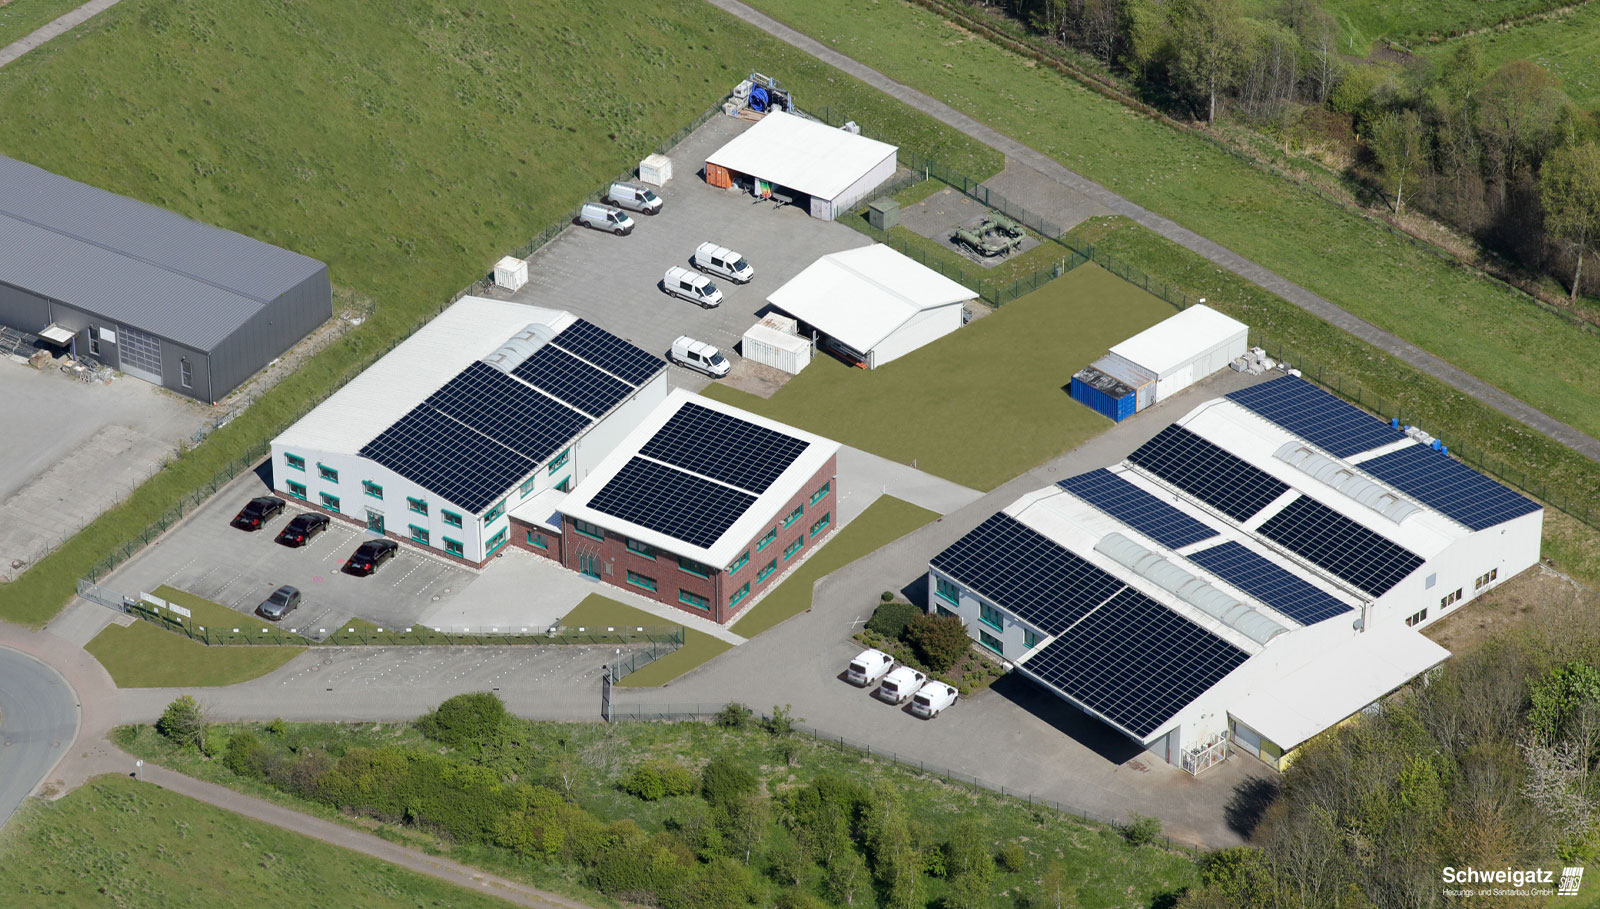 Schweigatz Heizungs- und Sanitärbau GmbH